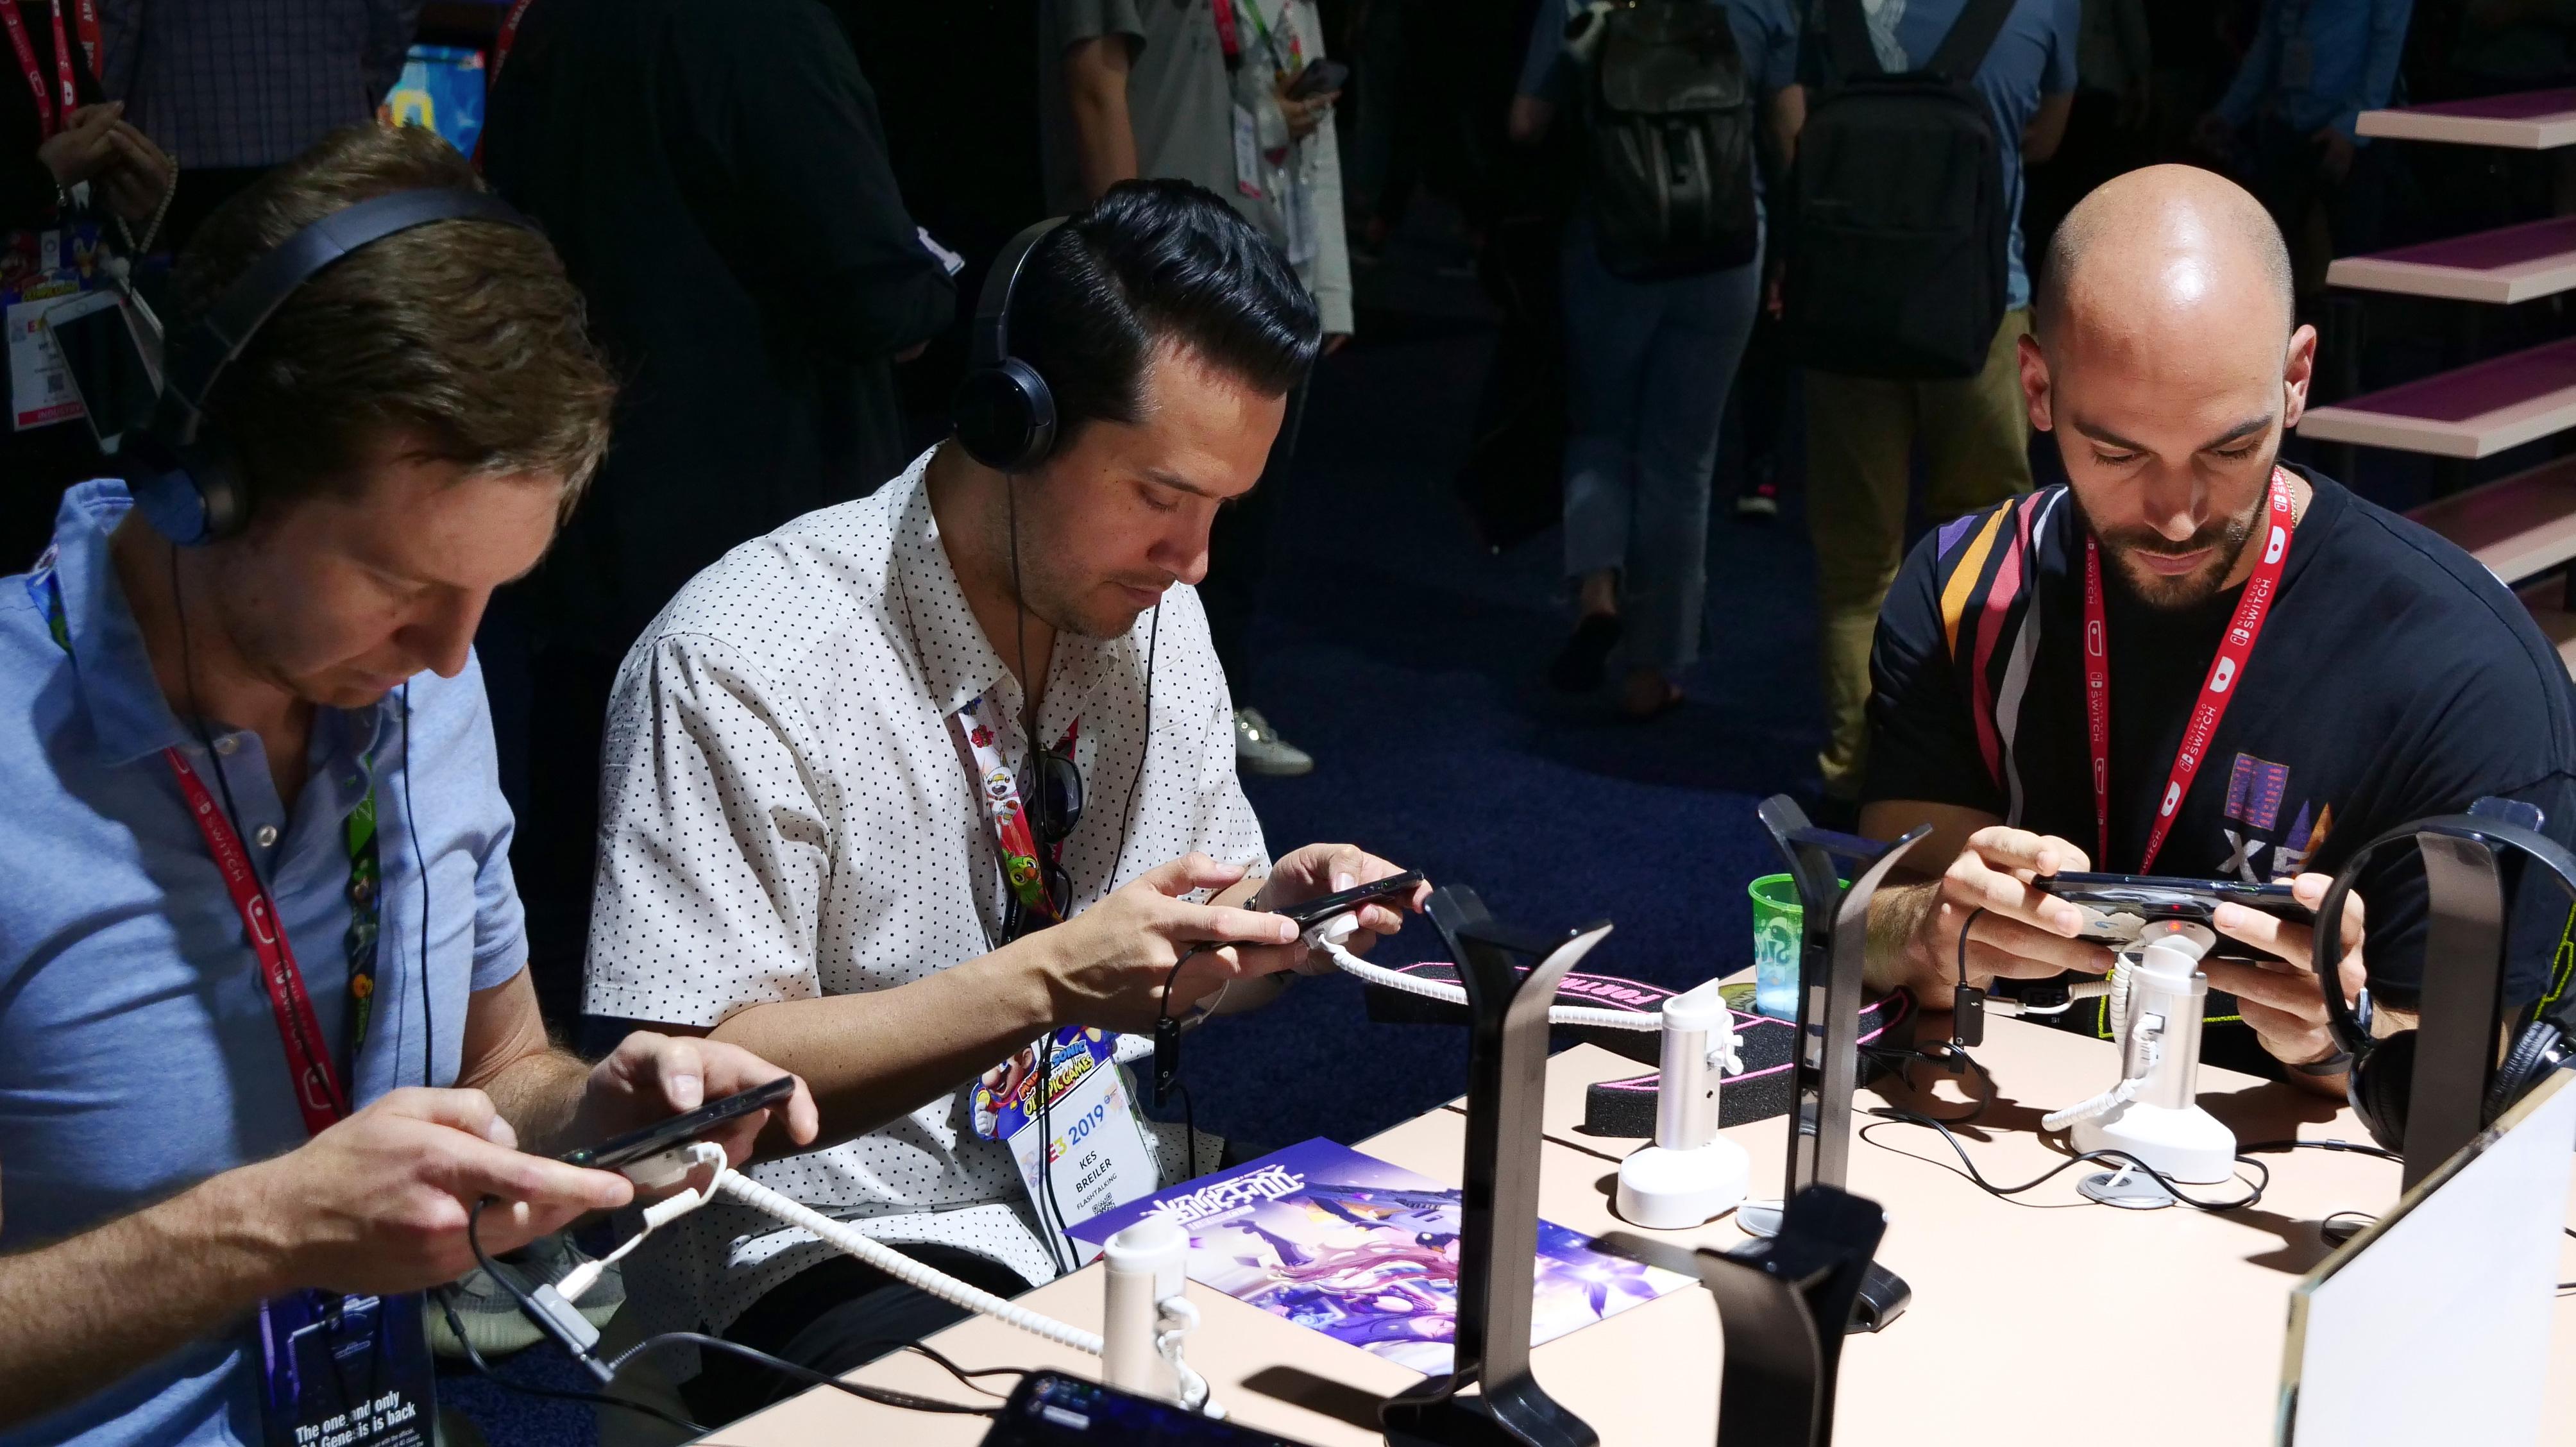 E3展上外媒IGN点评《指尖江湖》:这是一款注入了中国传统艺术和美学的游戏